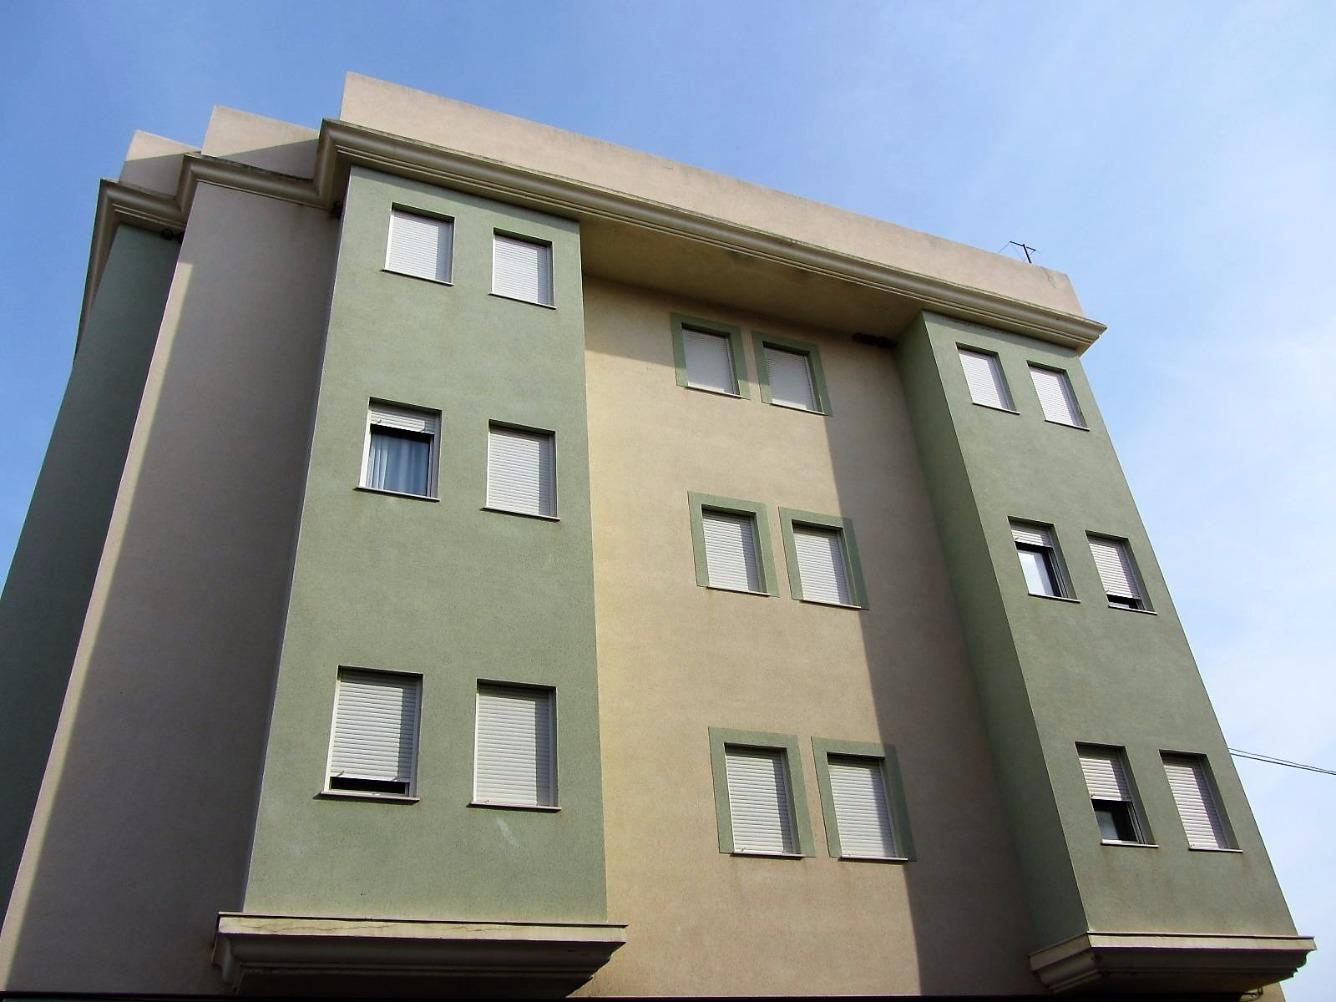 Milanuncios inmobiliaria for Milanuncios pisos malaga